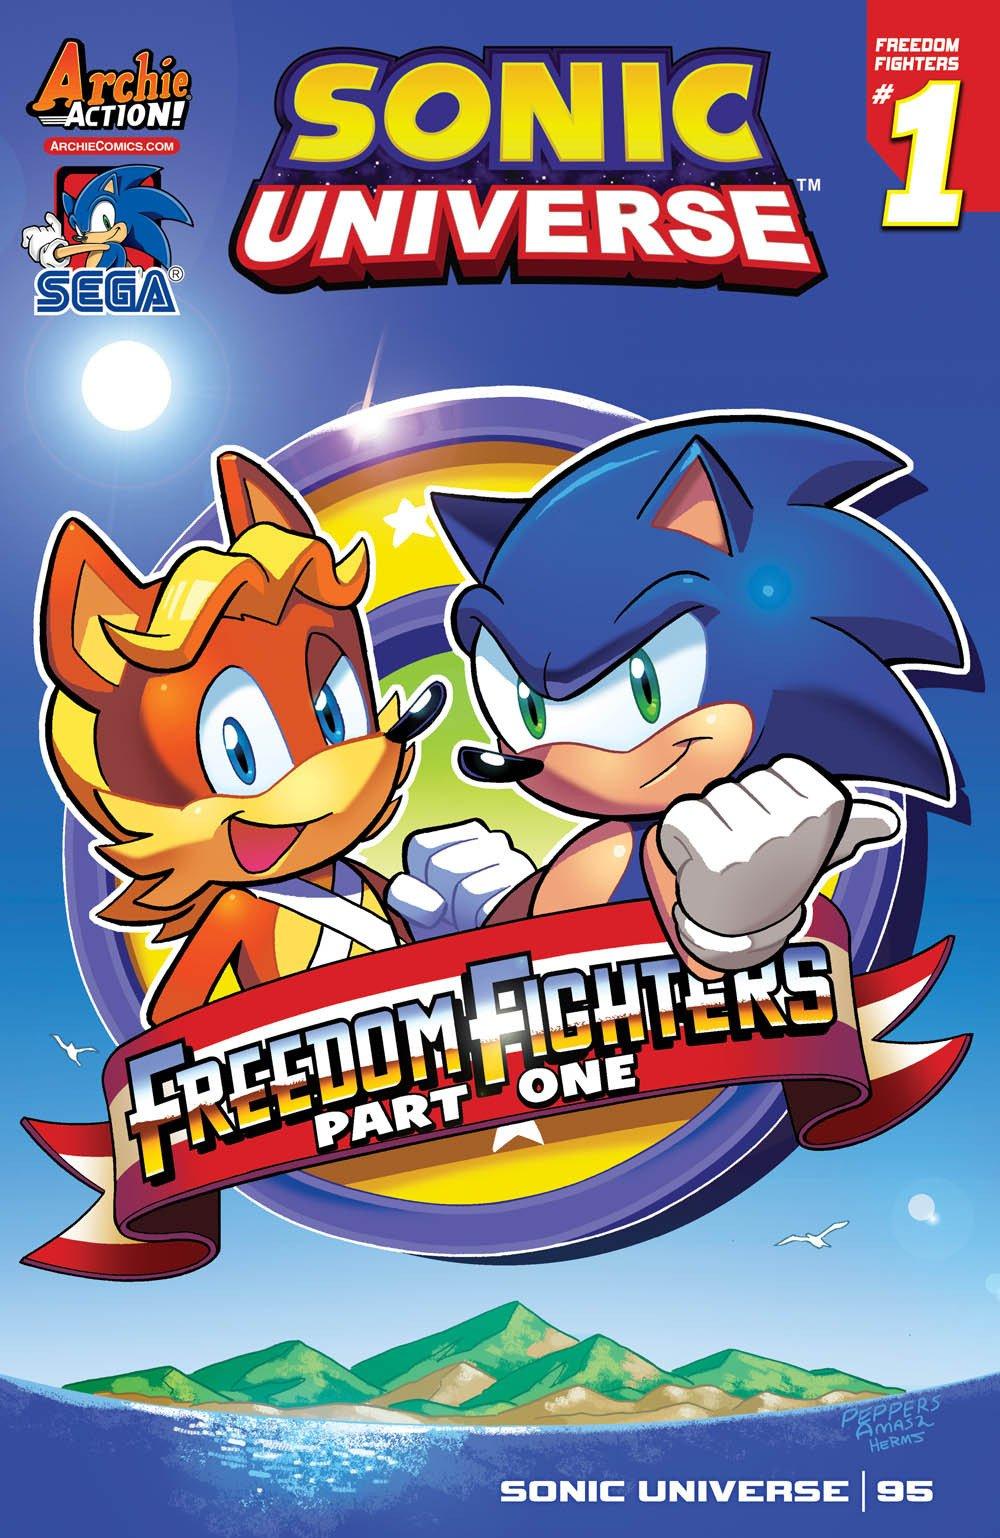 Sonic Universe 095 (unreleased)